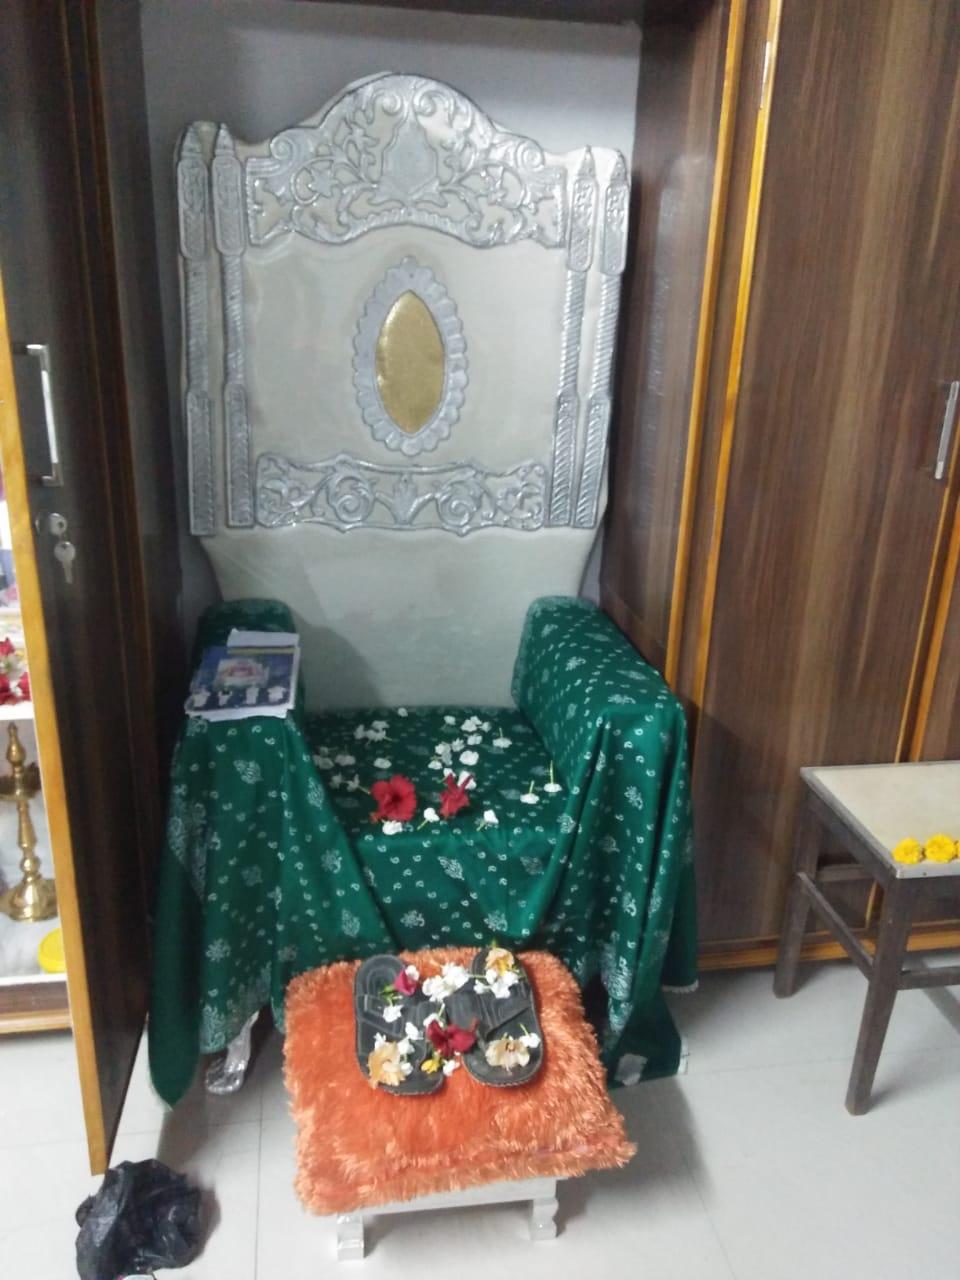 01-Aaradhana-Thetagunta-15112019